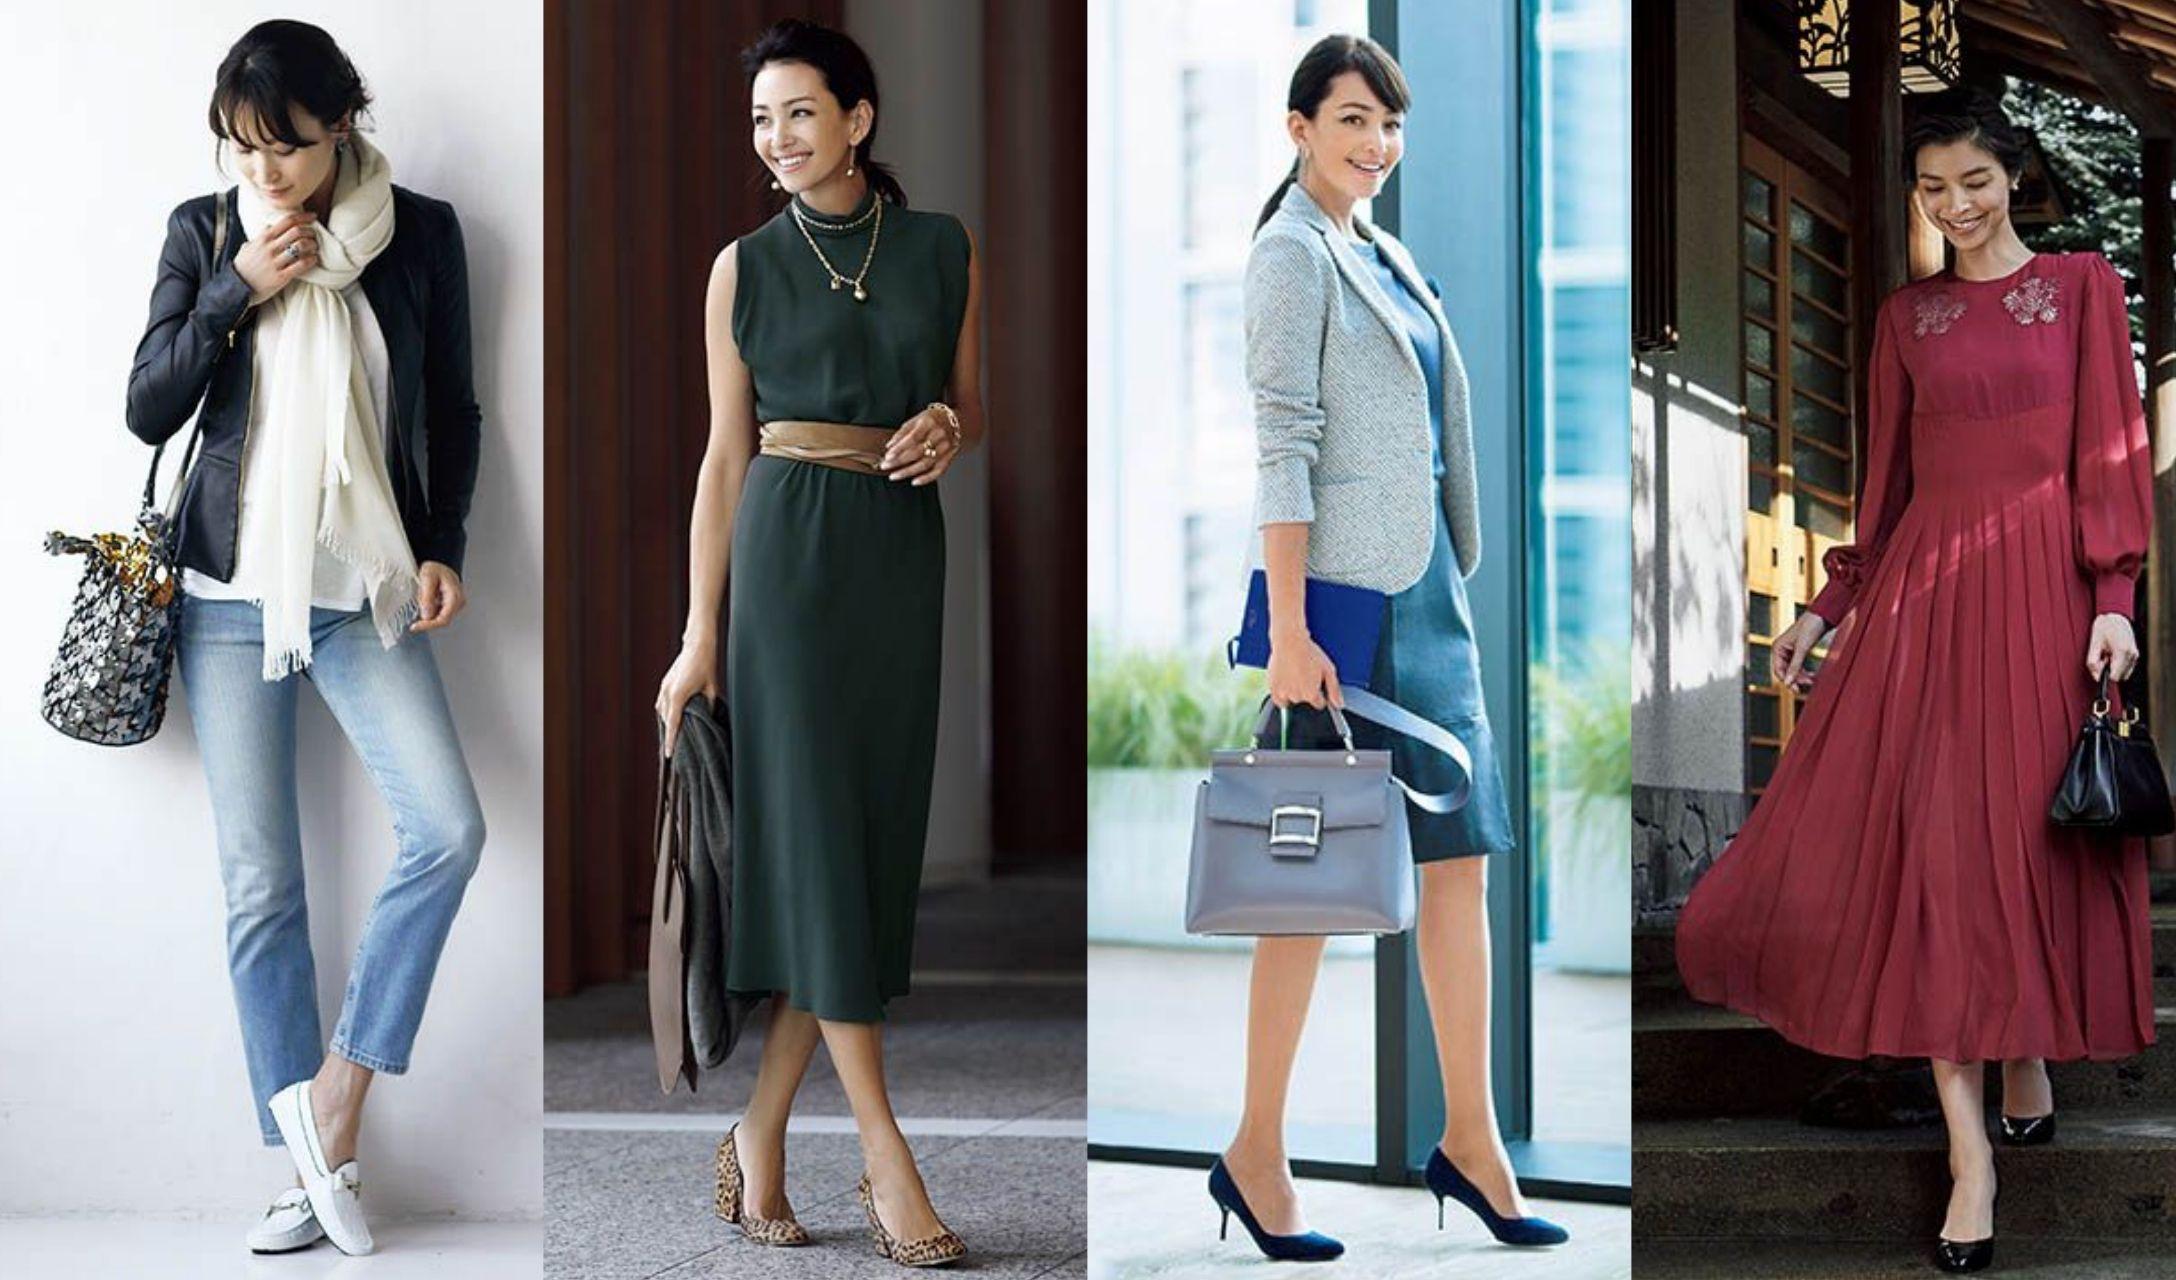 レディース秋のファッションコーデ30選|30・40代のおしゃれ秋